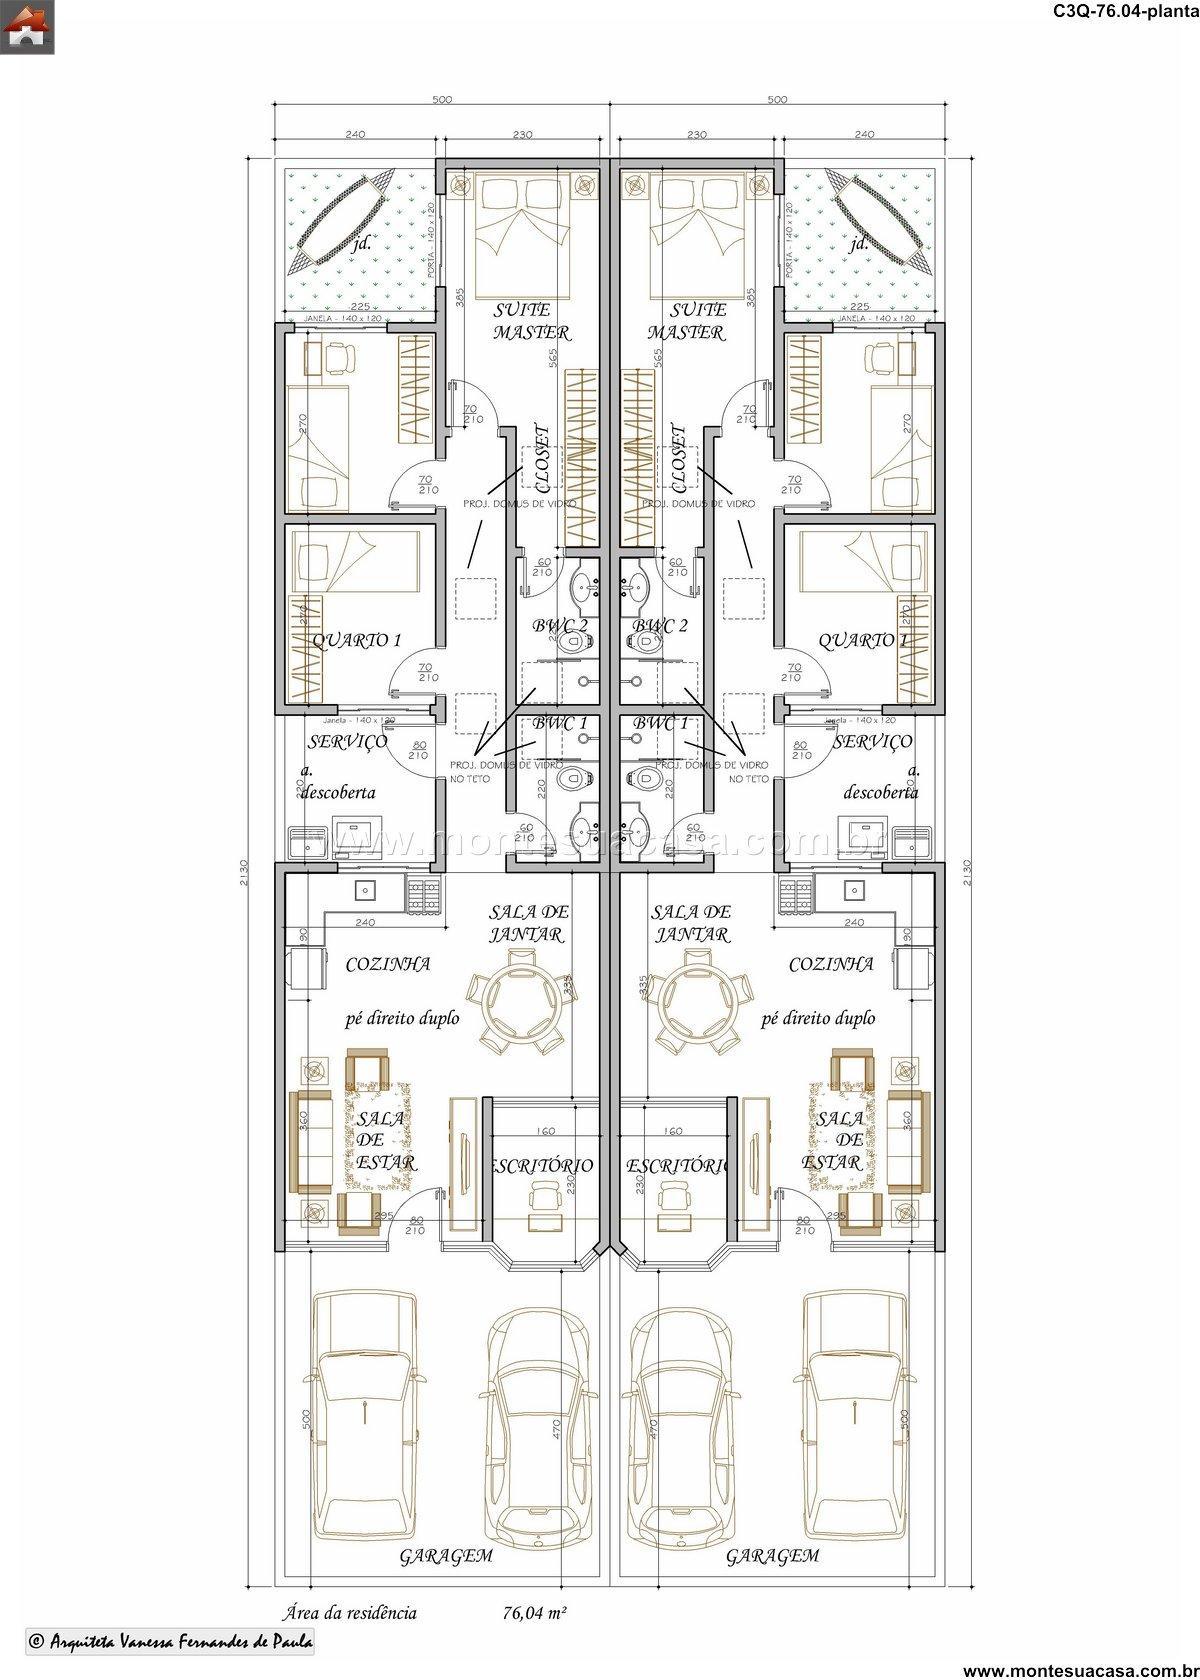 Casa 2 Quartos - 76.04m²